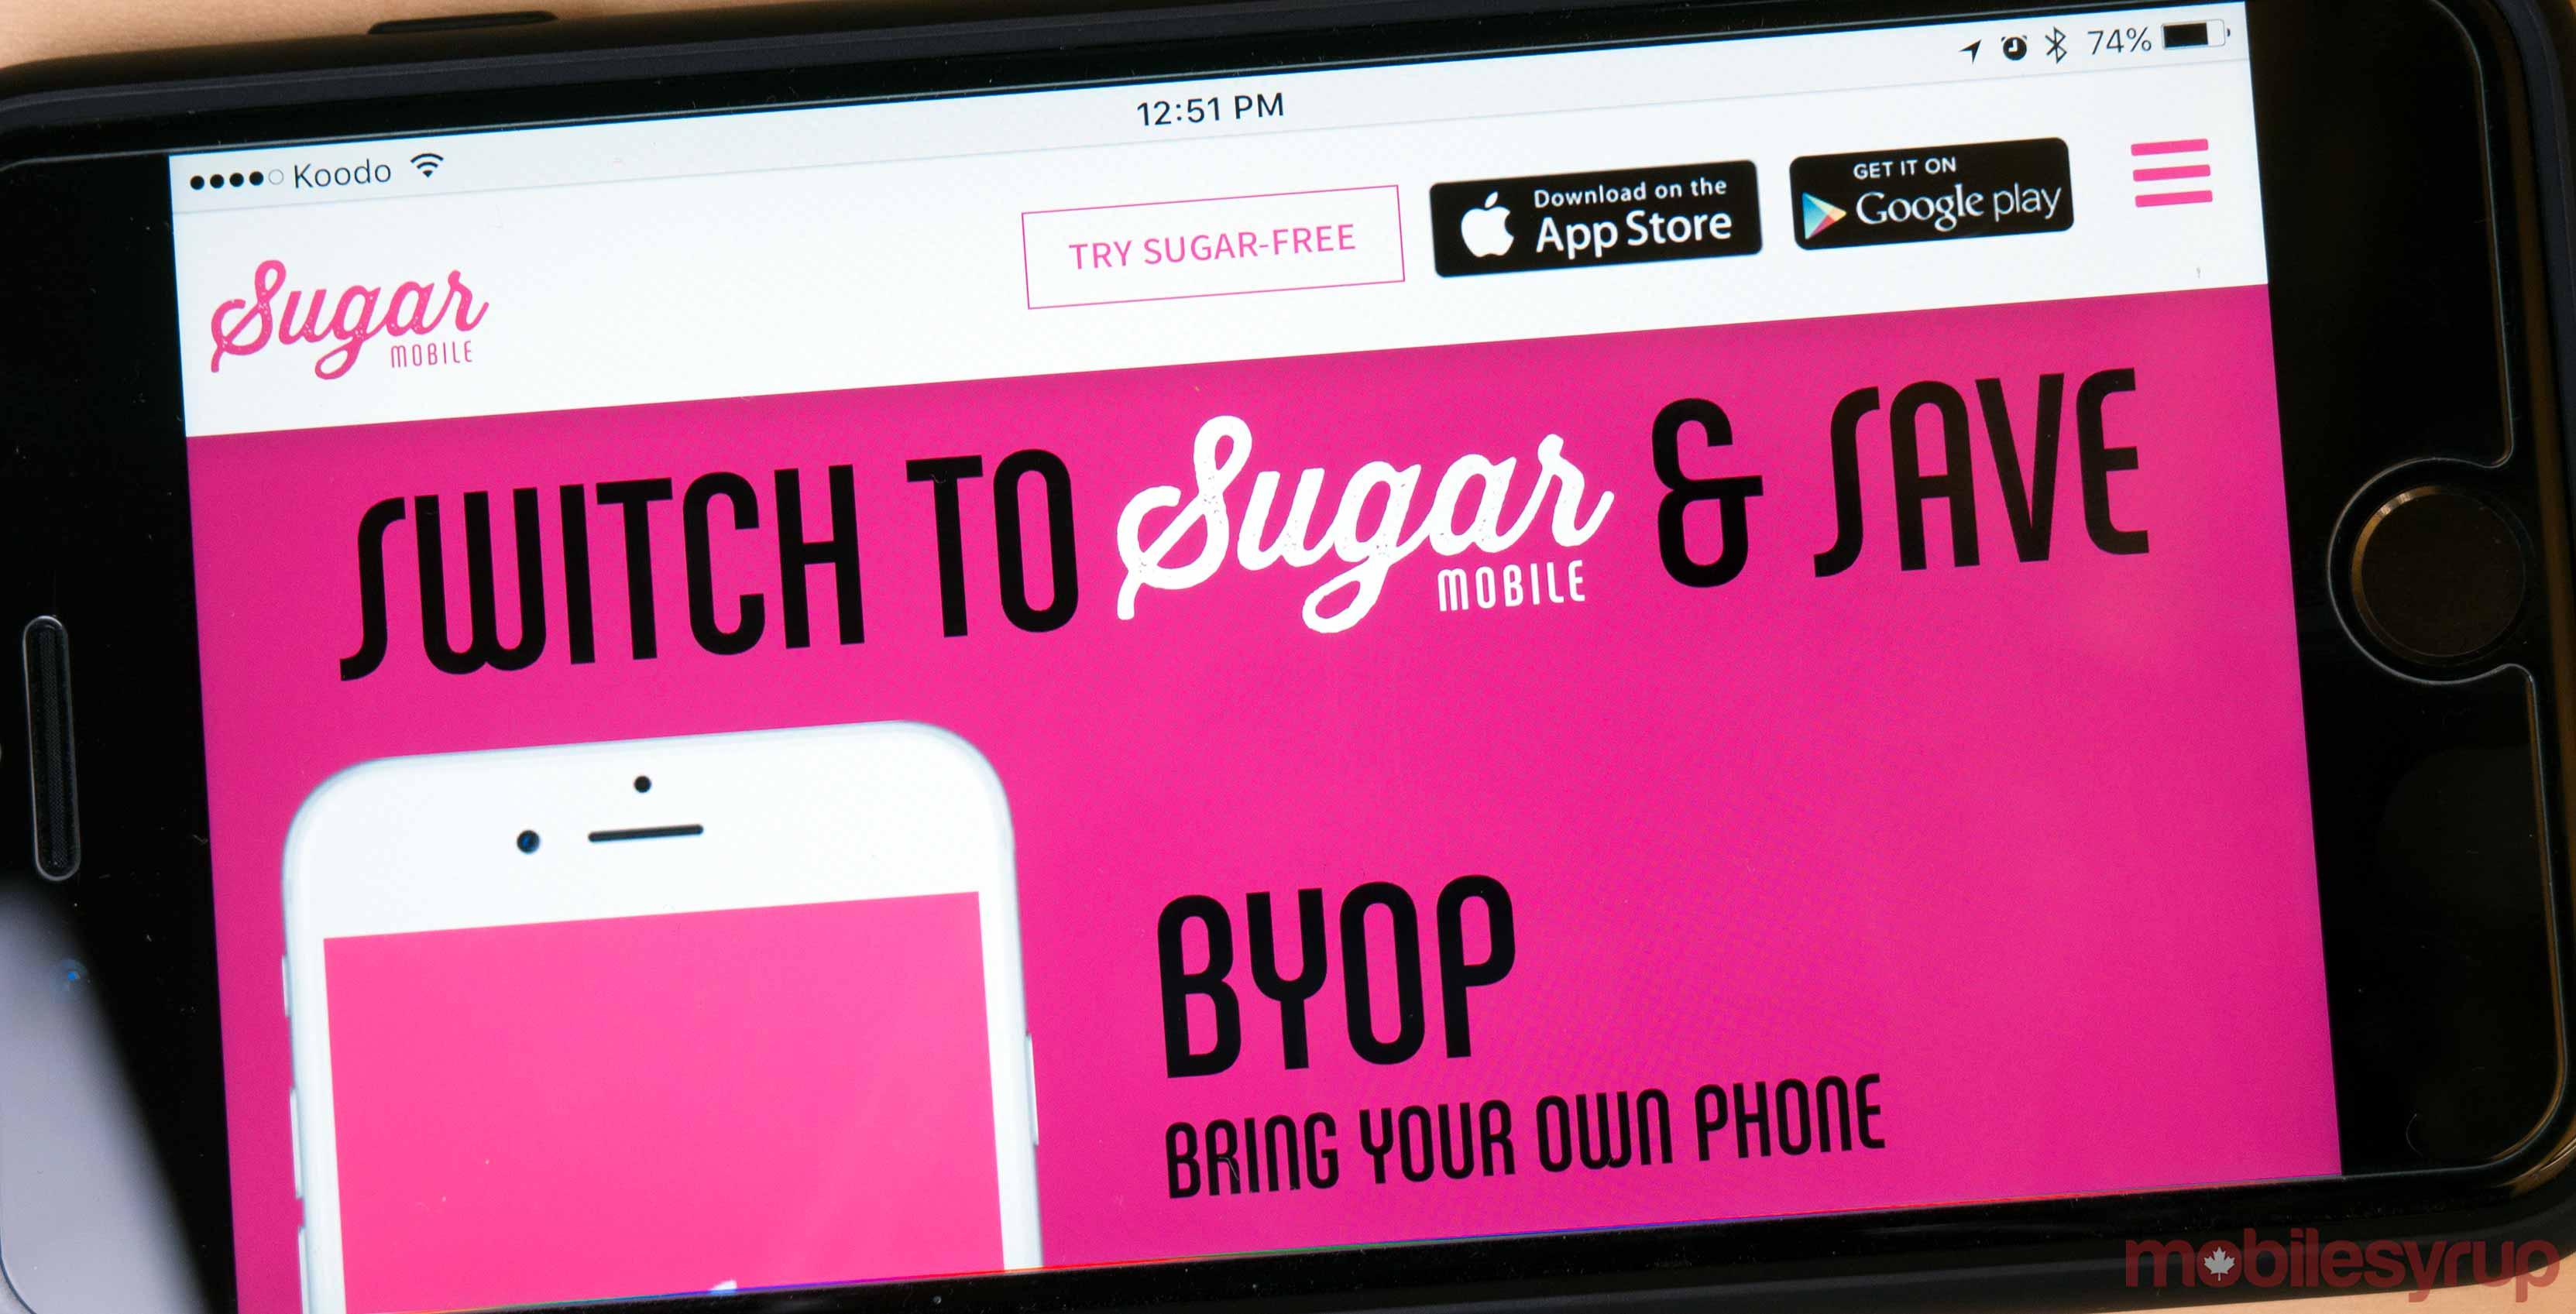 Sugar Mobile on a website